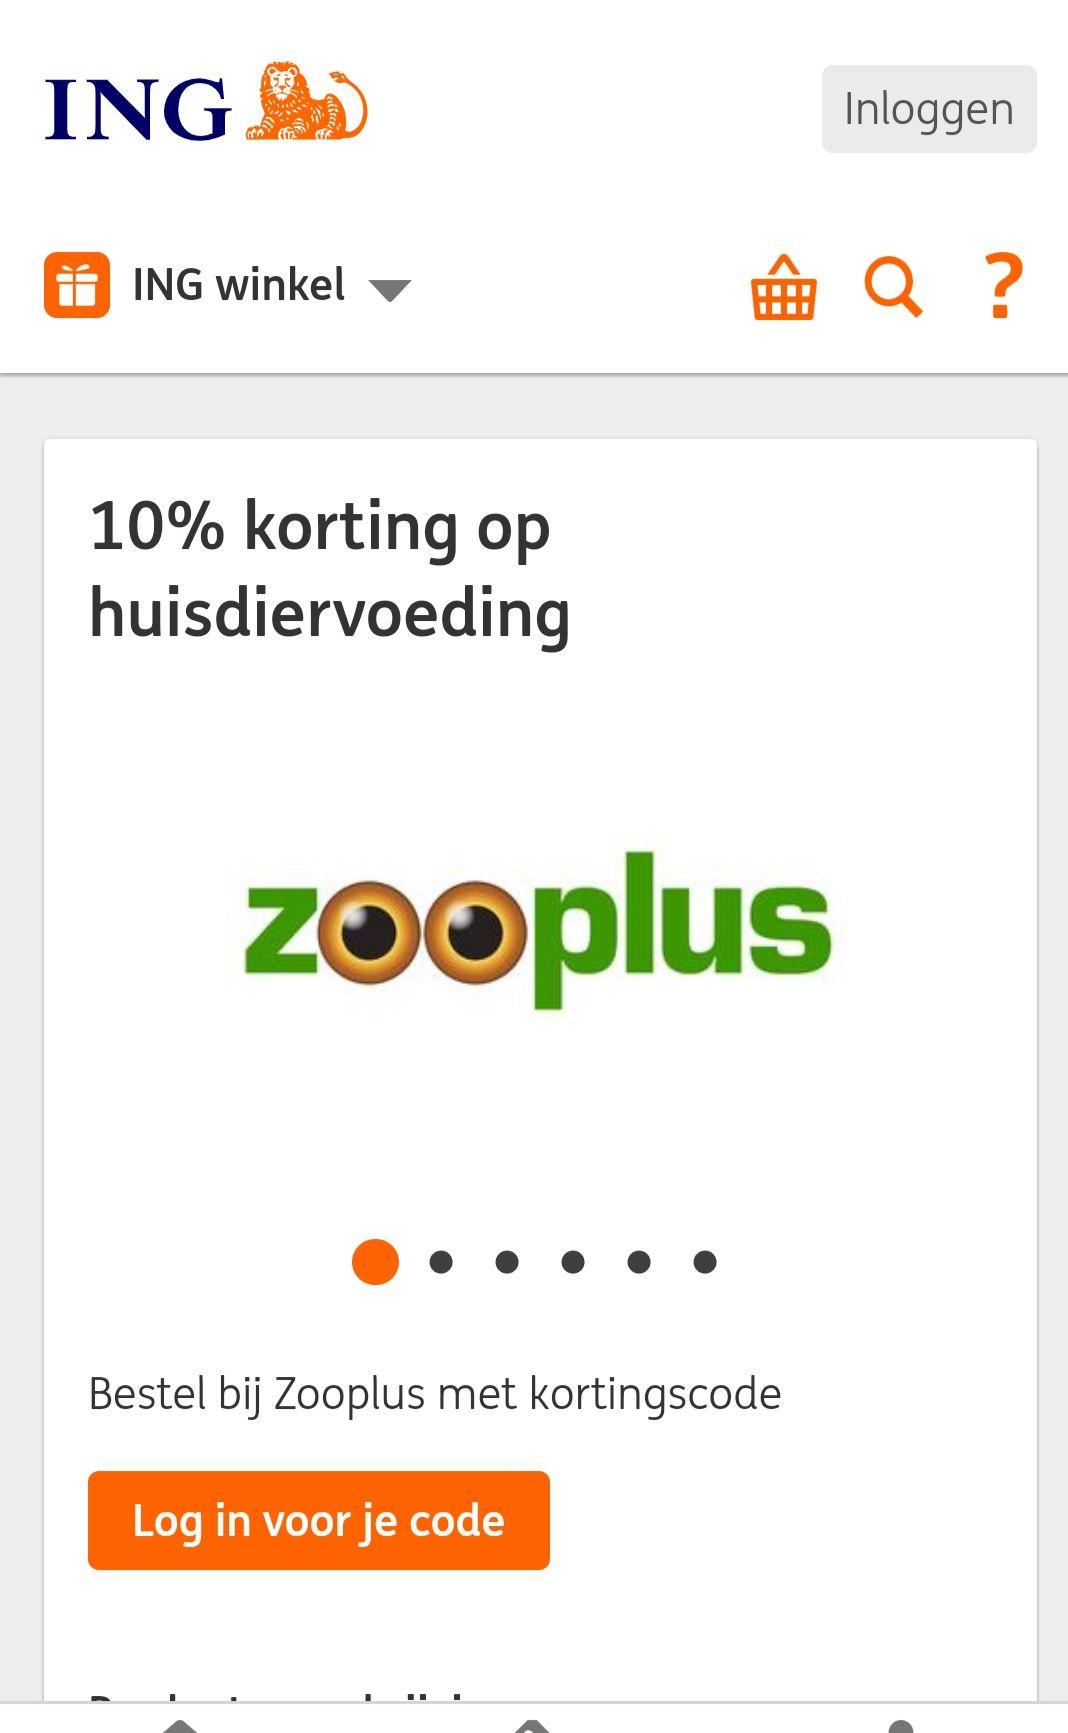 Korting bij Zooplus bij besteding vanaf 19 euro met gratis code via ing rente winkel